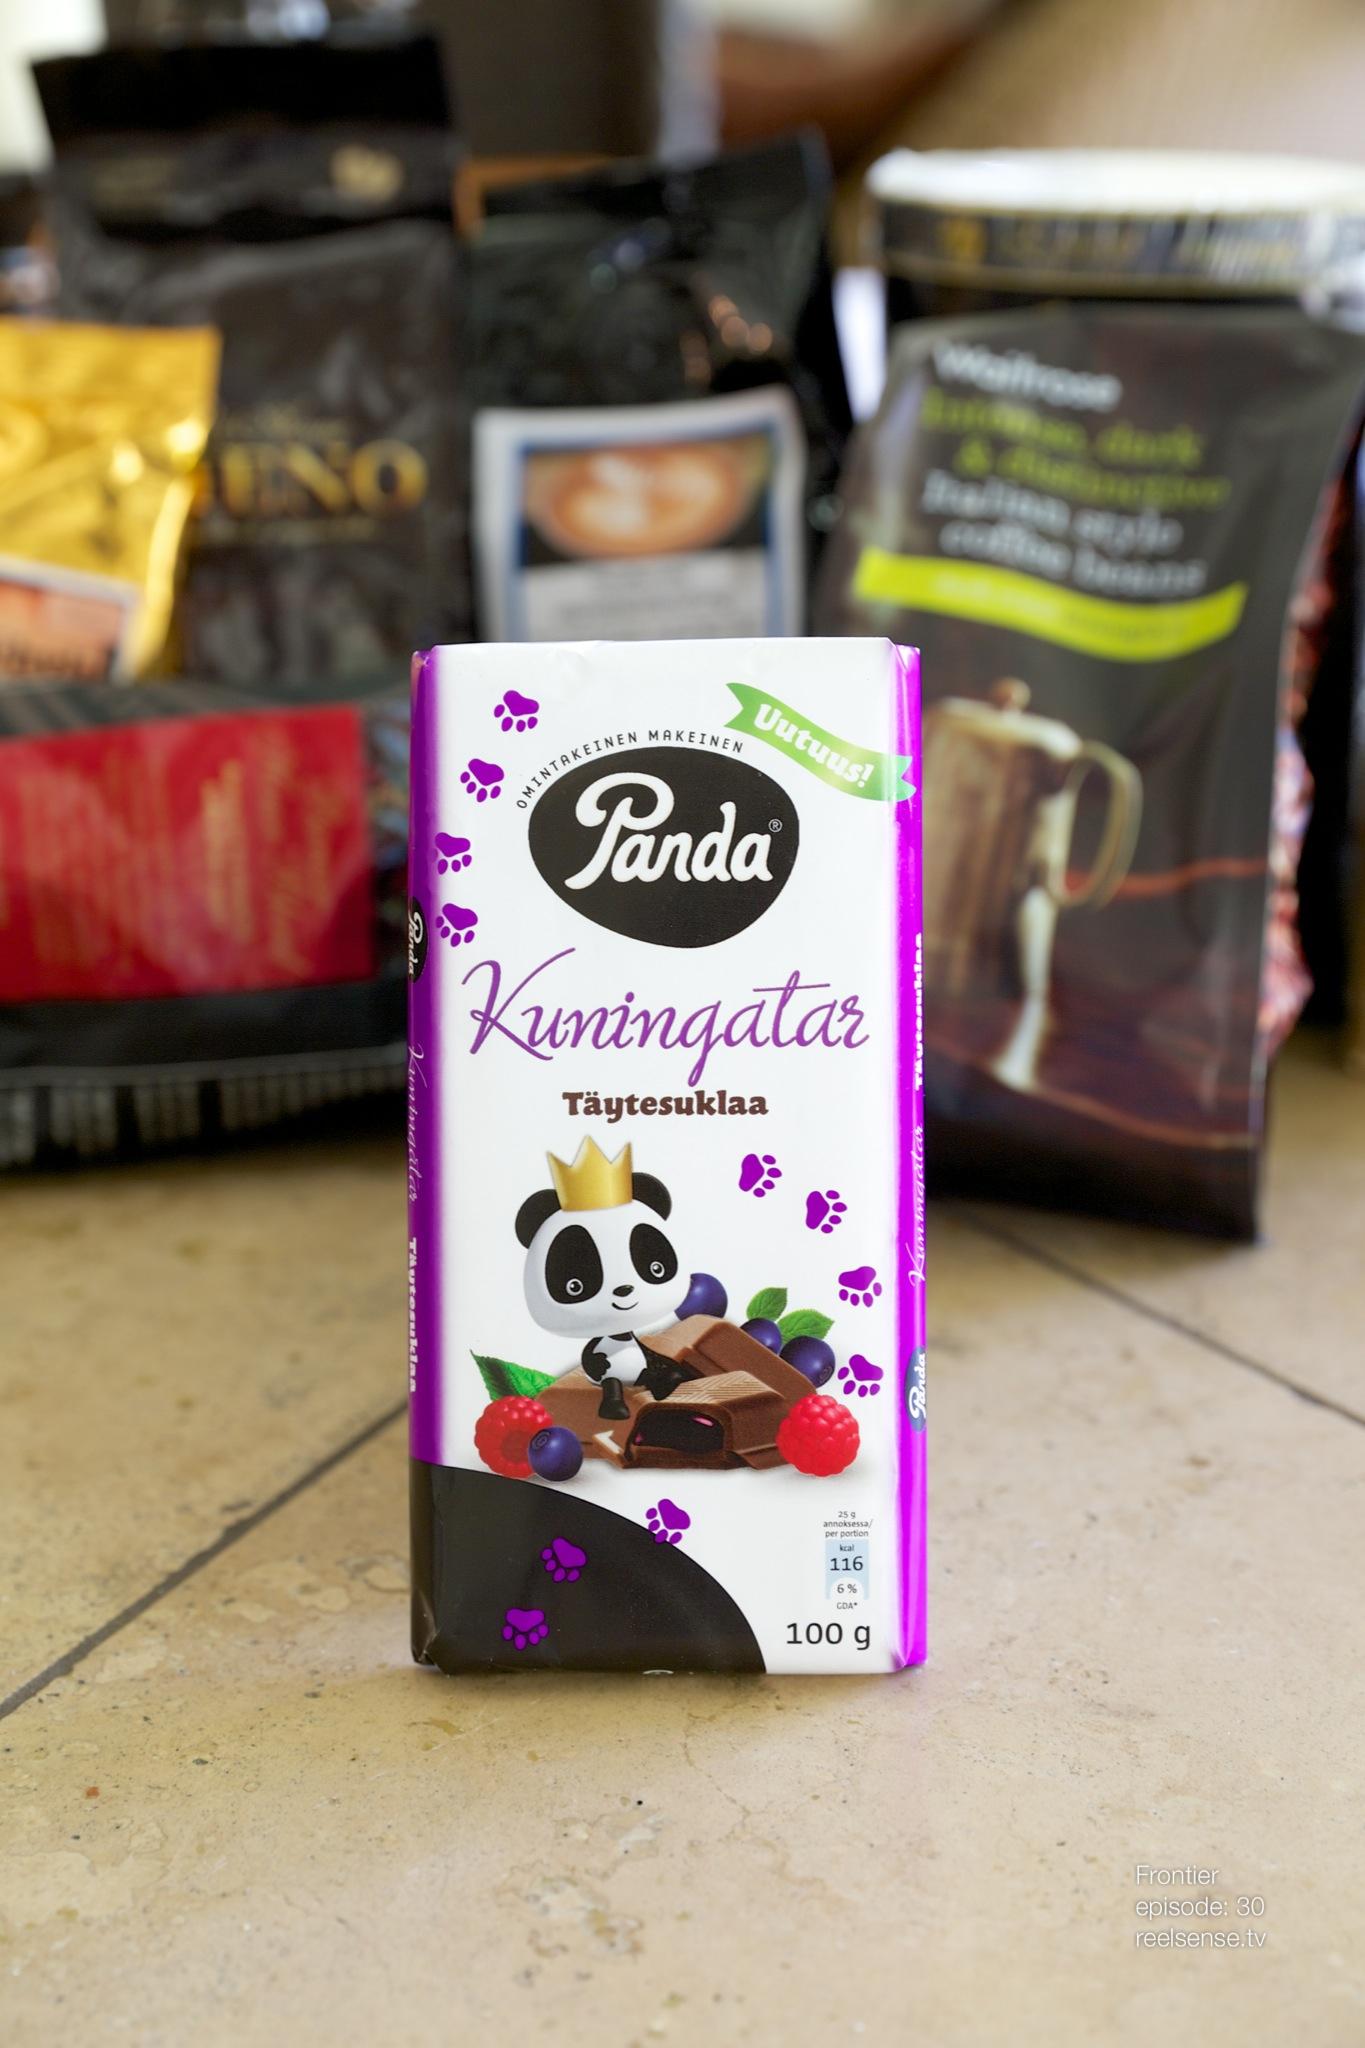 Panda - Kuningatar täytesuklaa - Finland